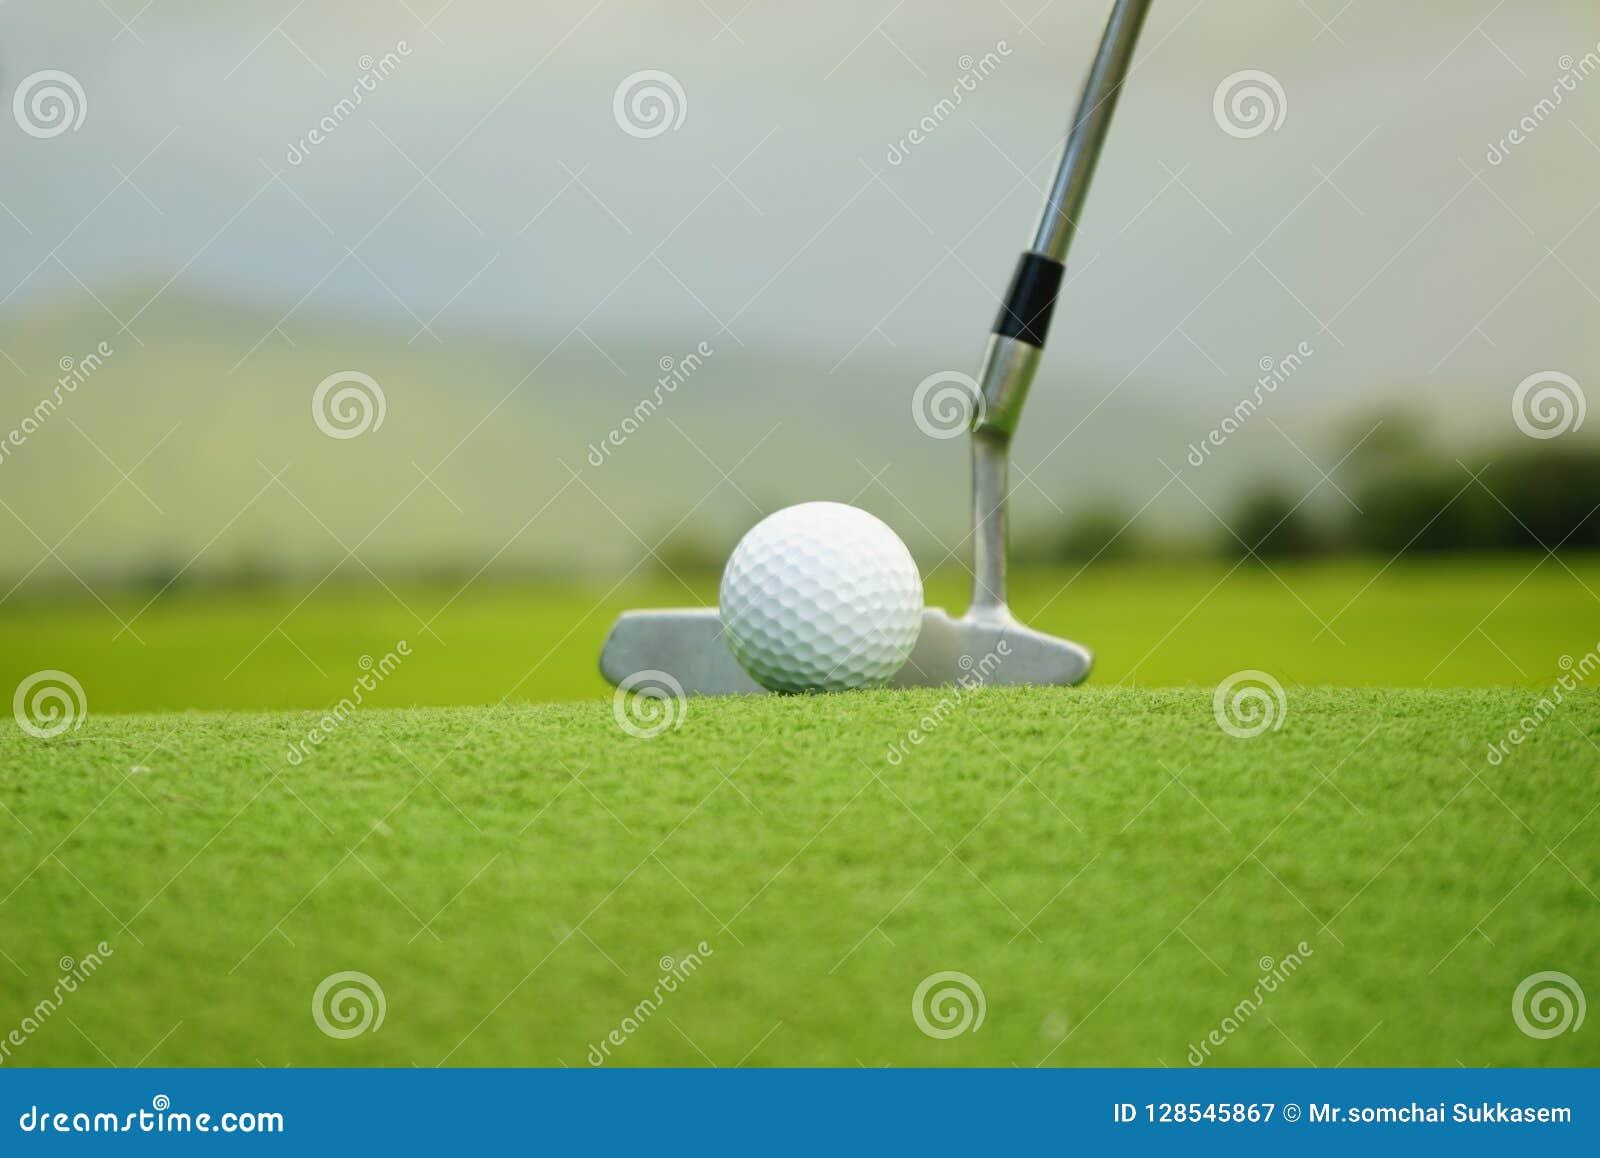 Golfbal op T-stuk in mooie golfcursus bij zonsondergangachtergrond